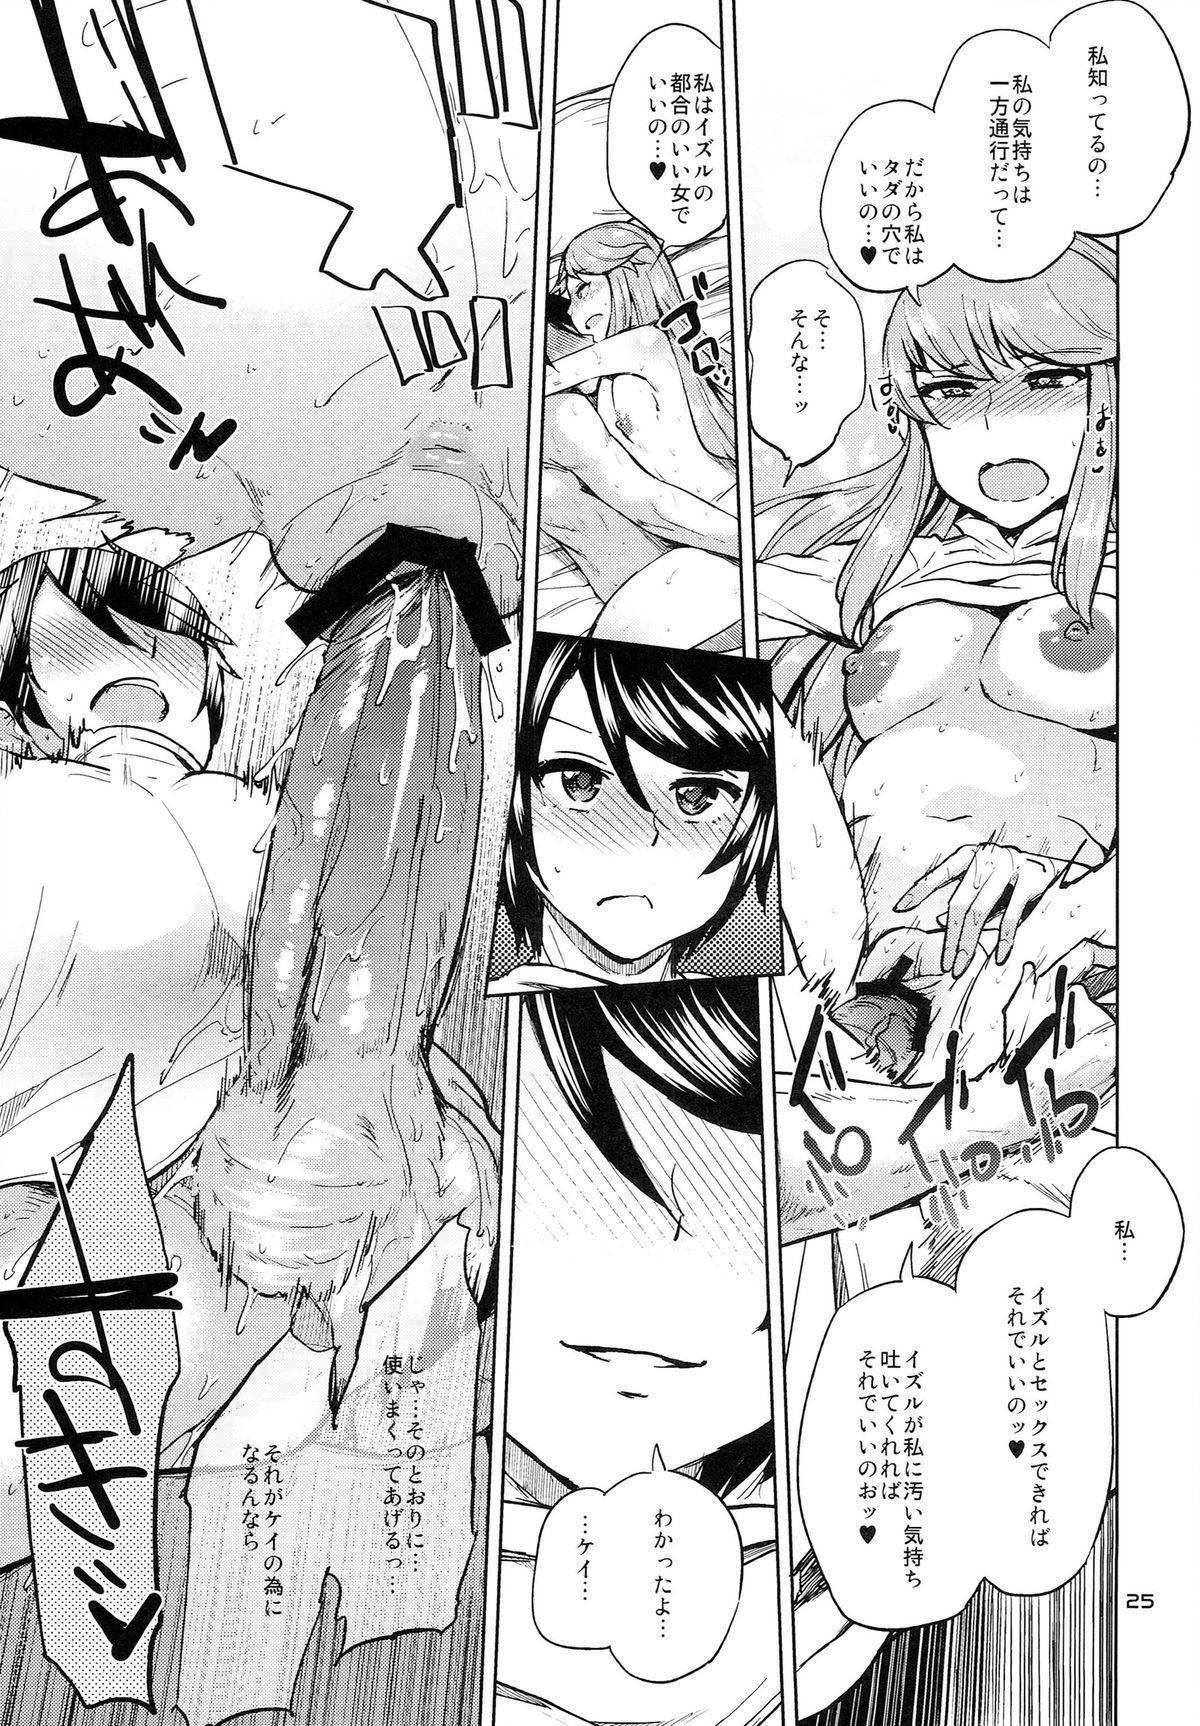 Maji Erotic Princess 24